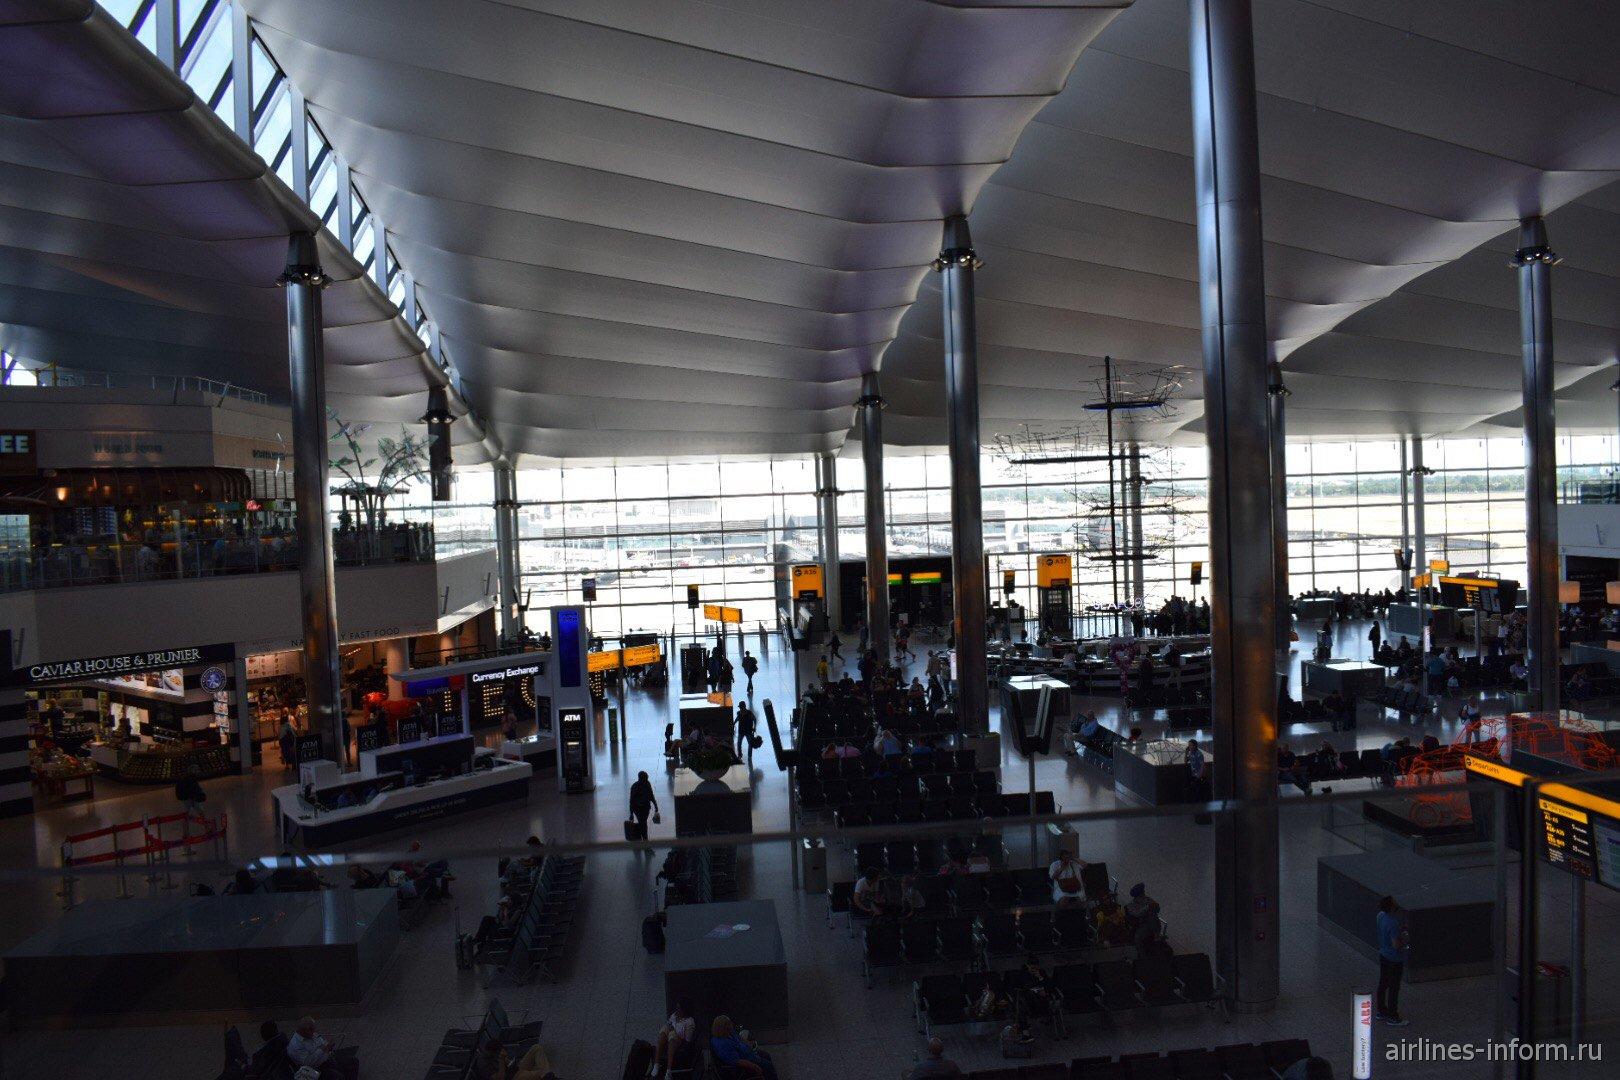 Общий вид чистой зоны терминала 2 аэропорта Лондон Хитроу